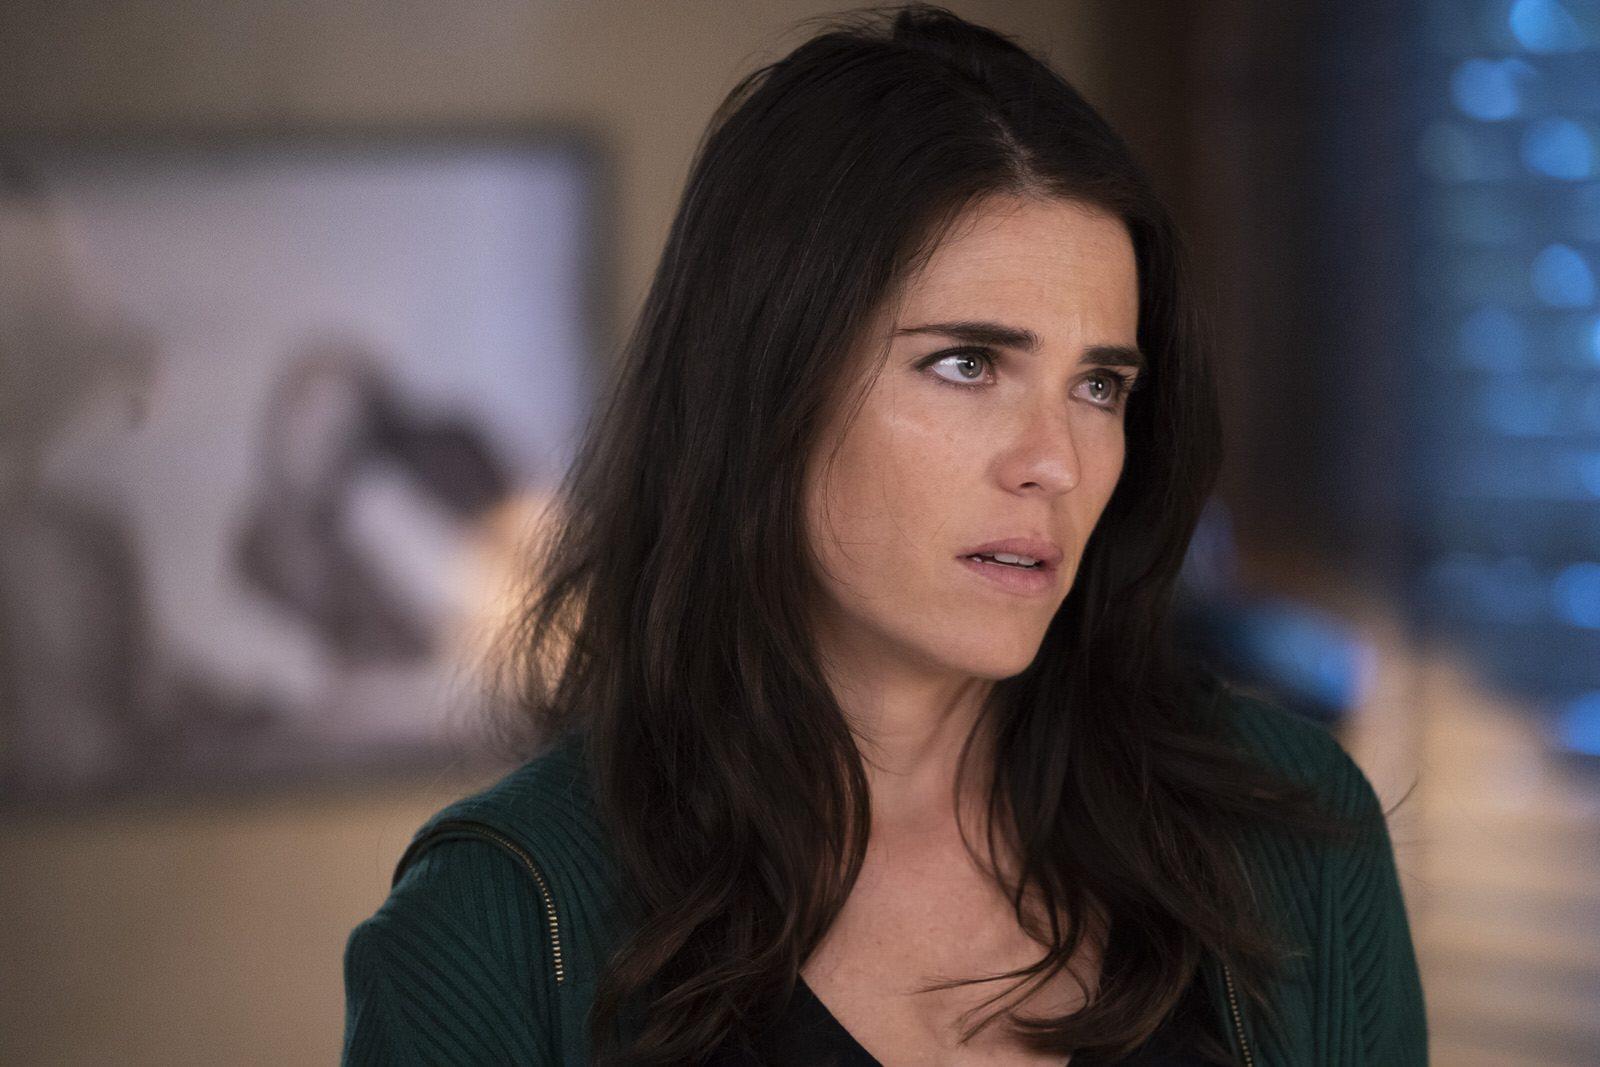 Karla Souza como Laurel Castillo en HTGAWM 5x15 (Season Finale)